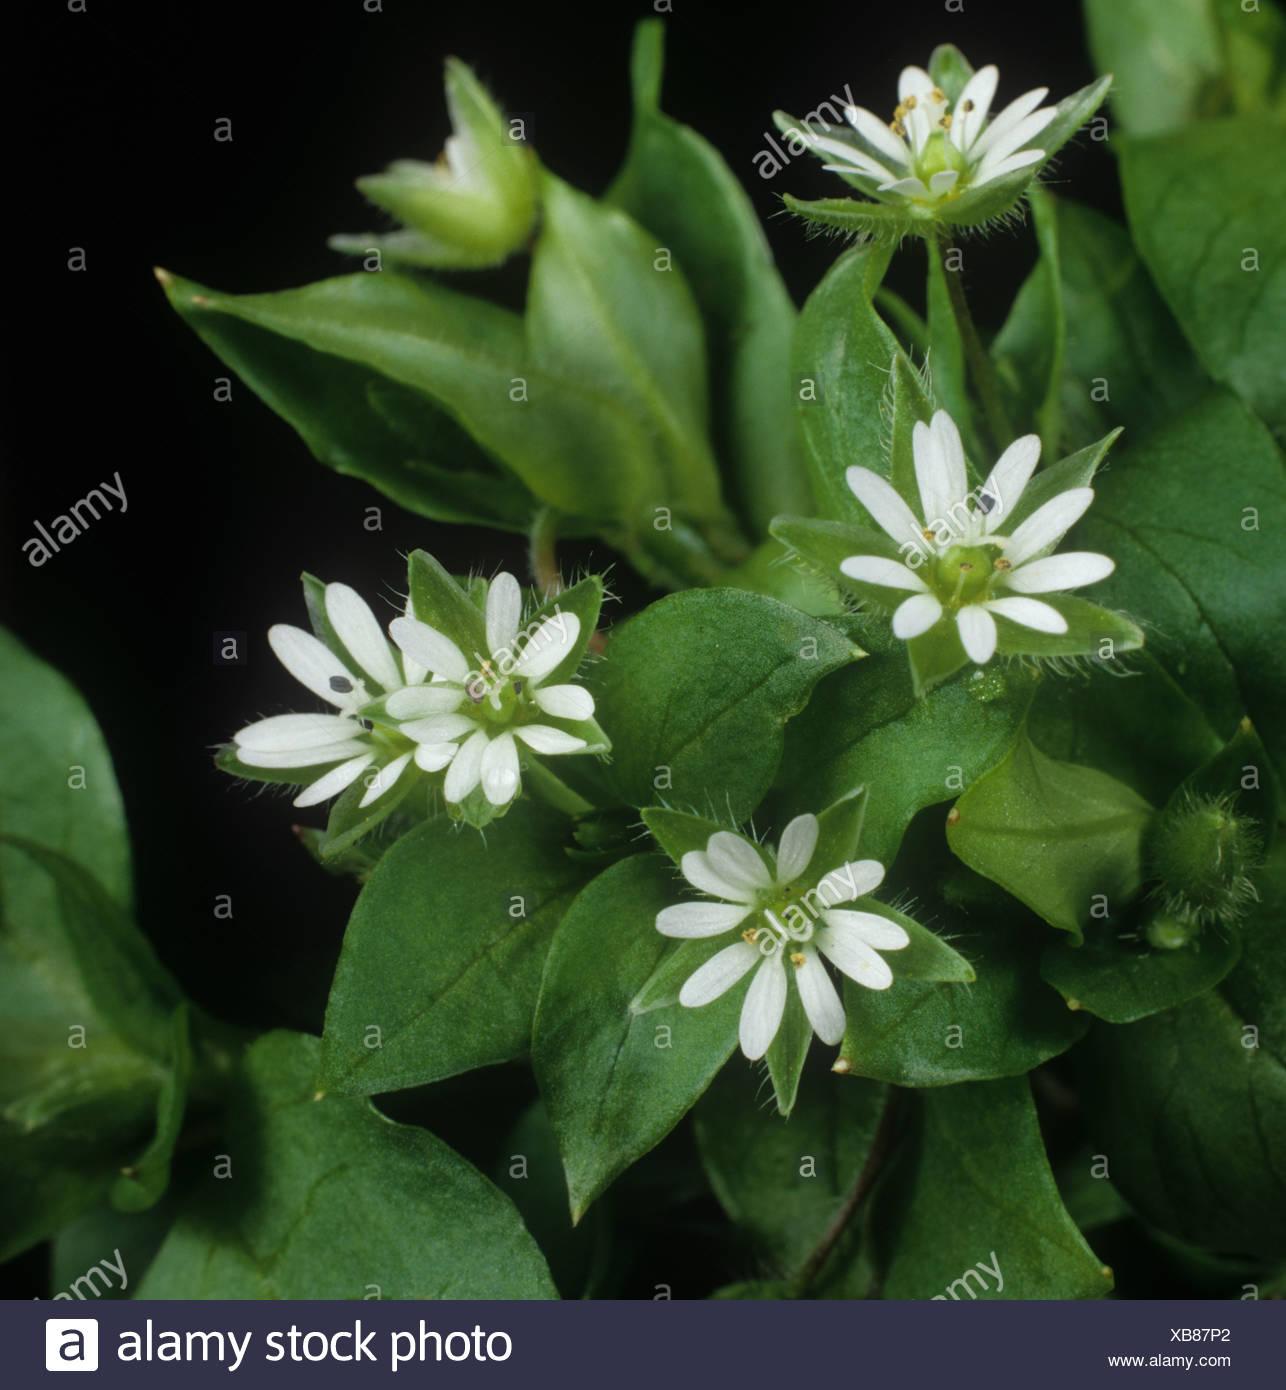 Vogelmiere Stellaria Media Blumen in Nahaufnahme Stockbild